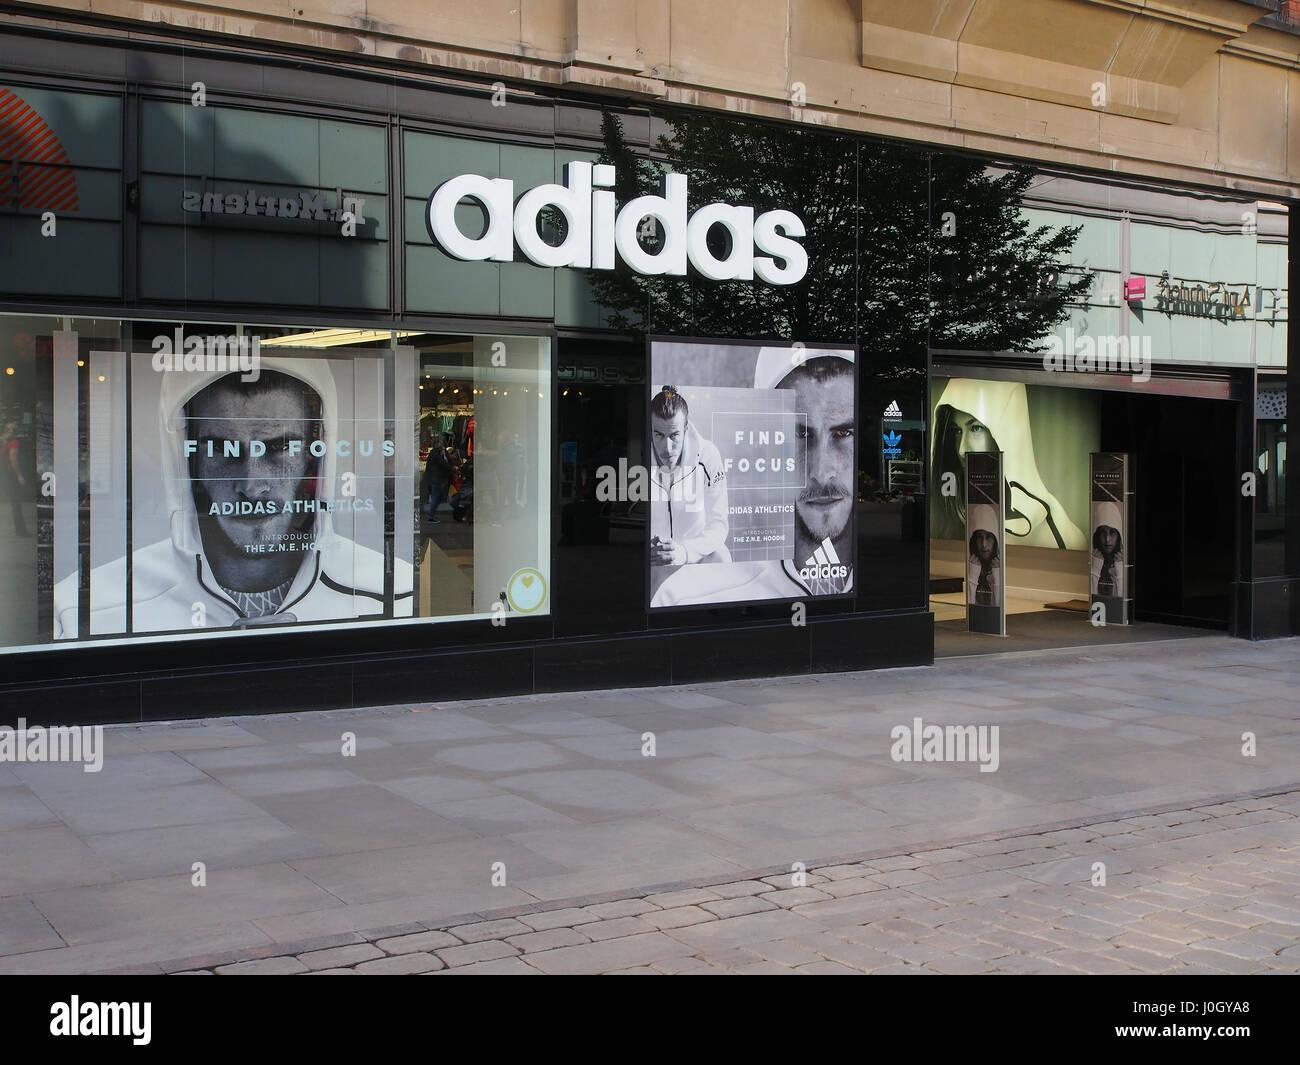 33062dd9ec Le centre-ville de Manchester center branch du magasin de sport Adidas,  avec l'extérieur du magasin, montrant la vitrine avec David Beckham